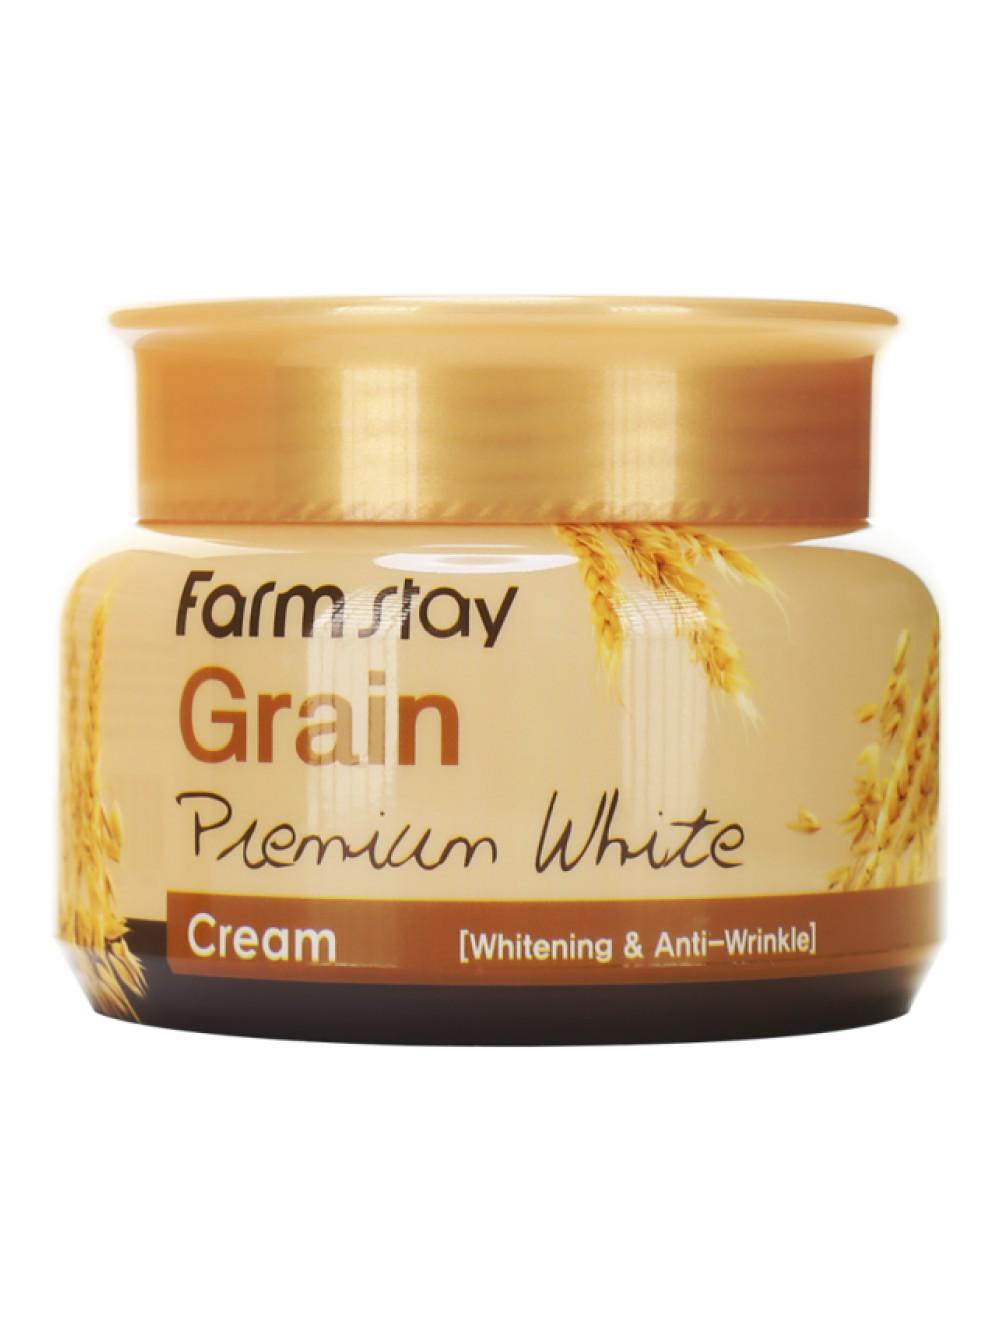 Kem Dưỡng Trắng Da Chống Lão Hóa Mầm Lúa Mì Farmstay Grain Premium White Cream 100g – Hàng Chính Hãng